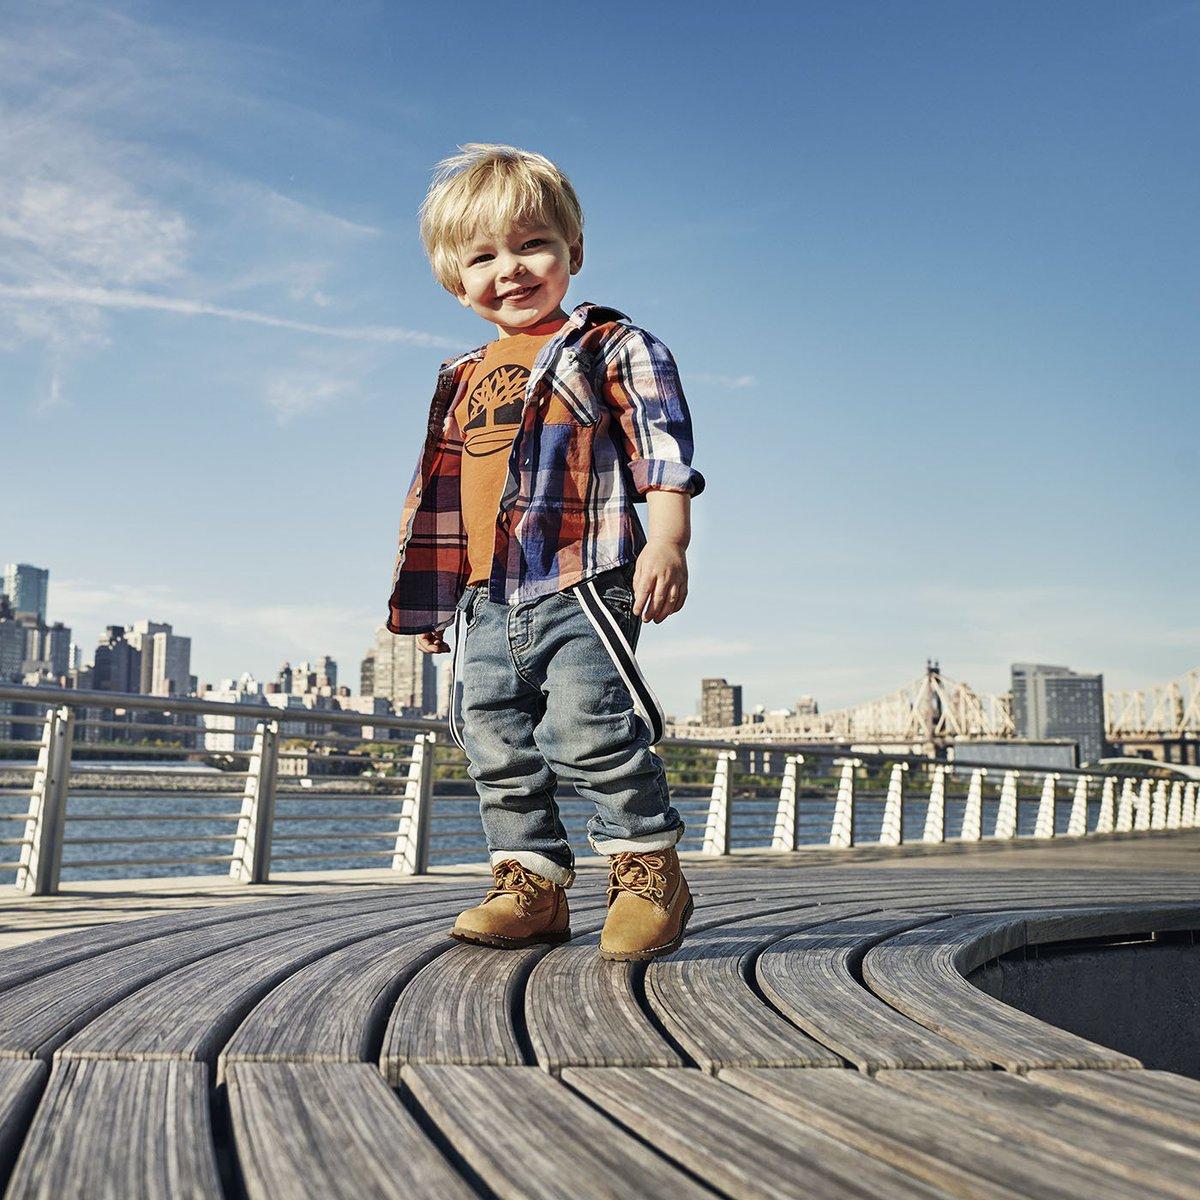 Kiddie-sized cuteness. #TimberlandKids    https://t.co/xeAK0NZoCb https://t.co/6k1OS4RHXu